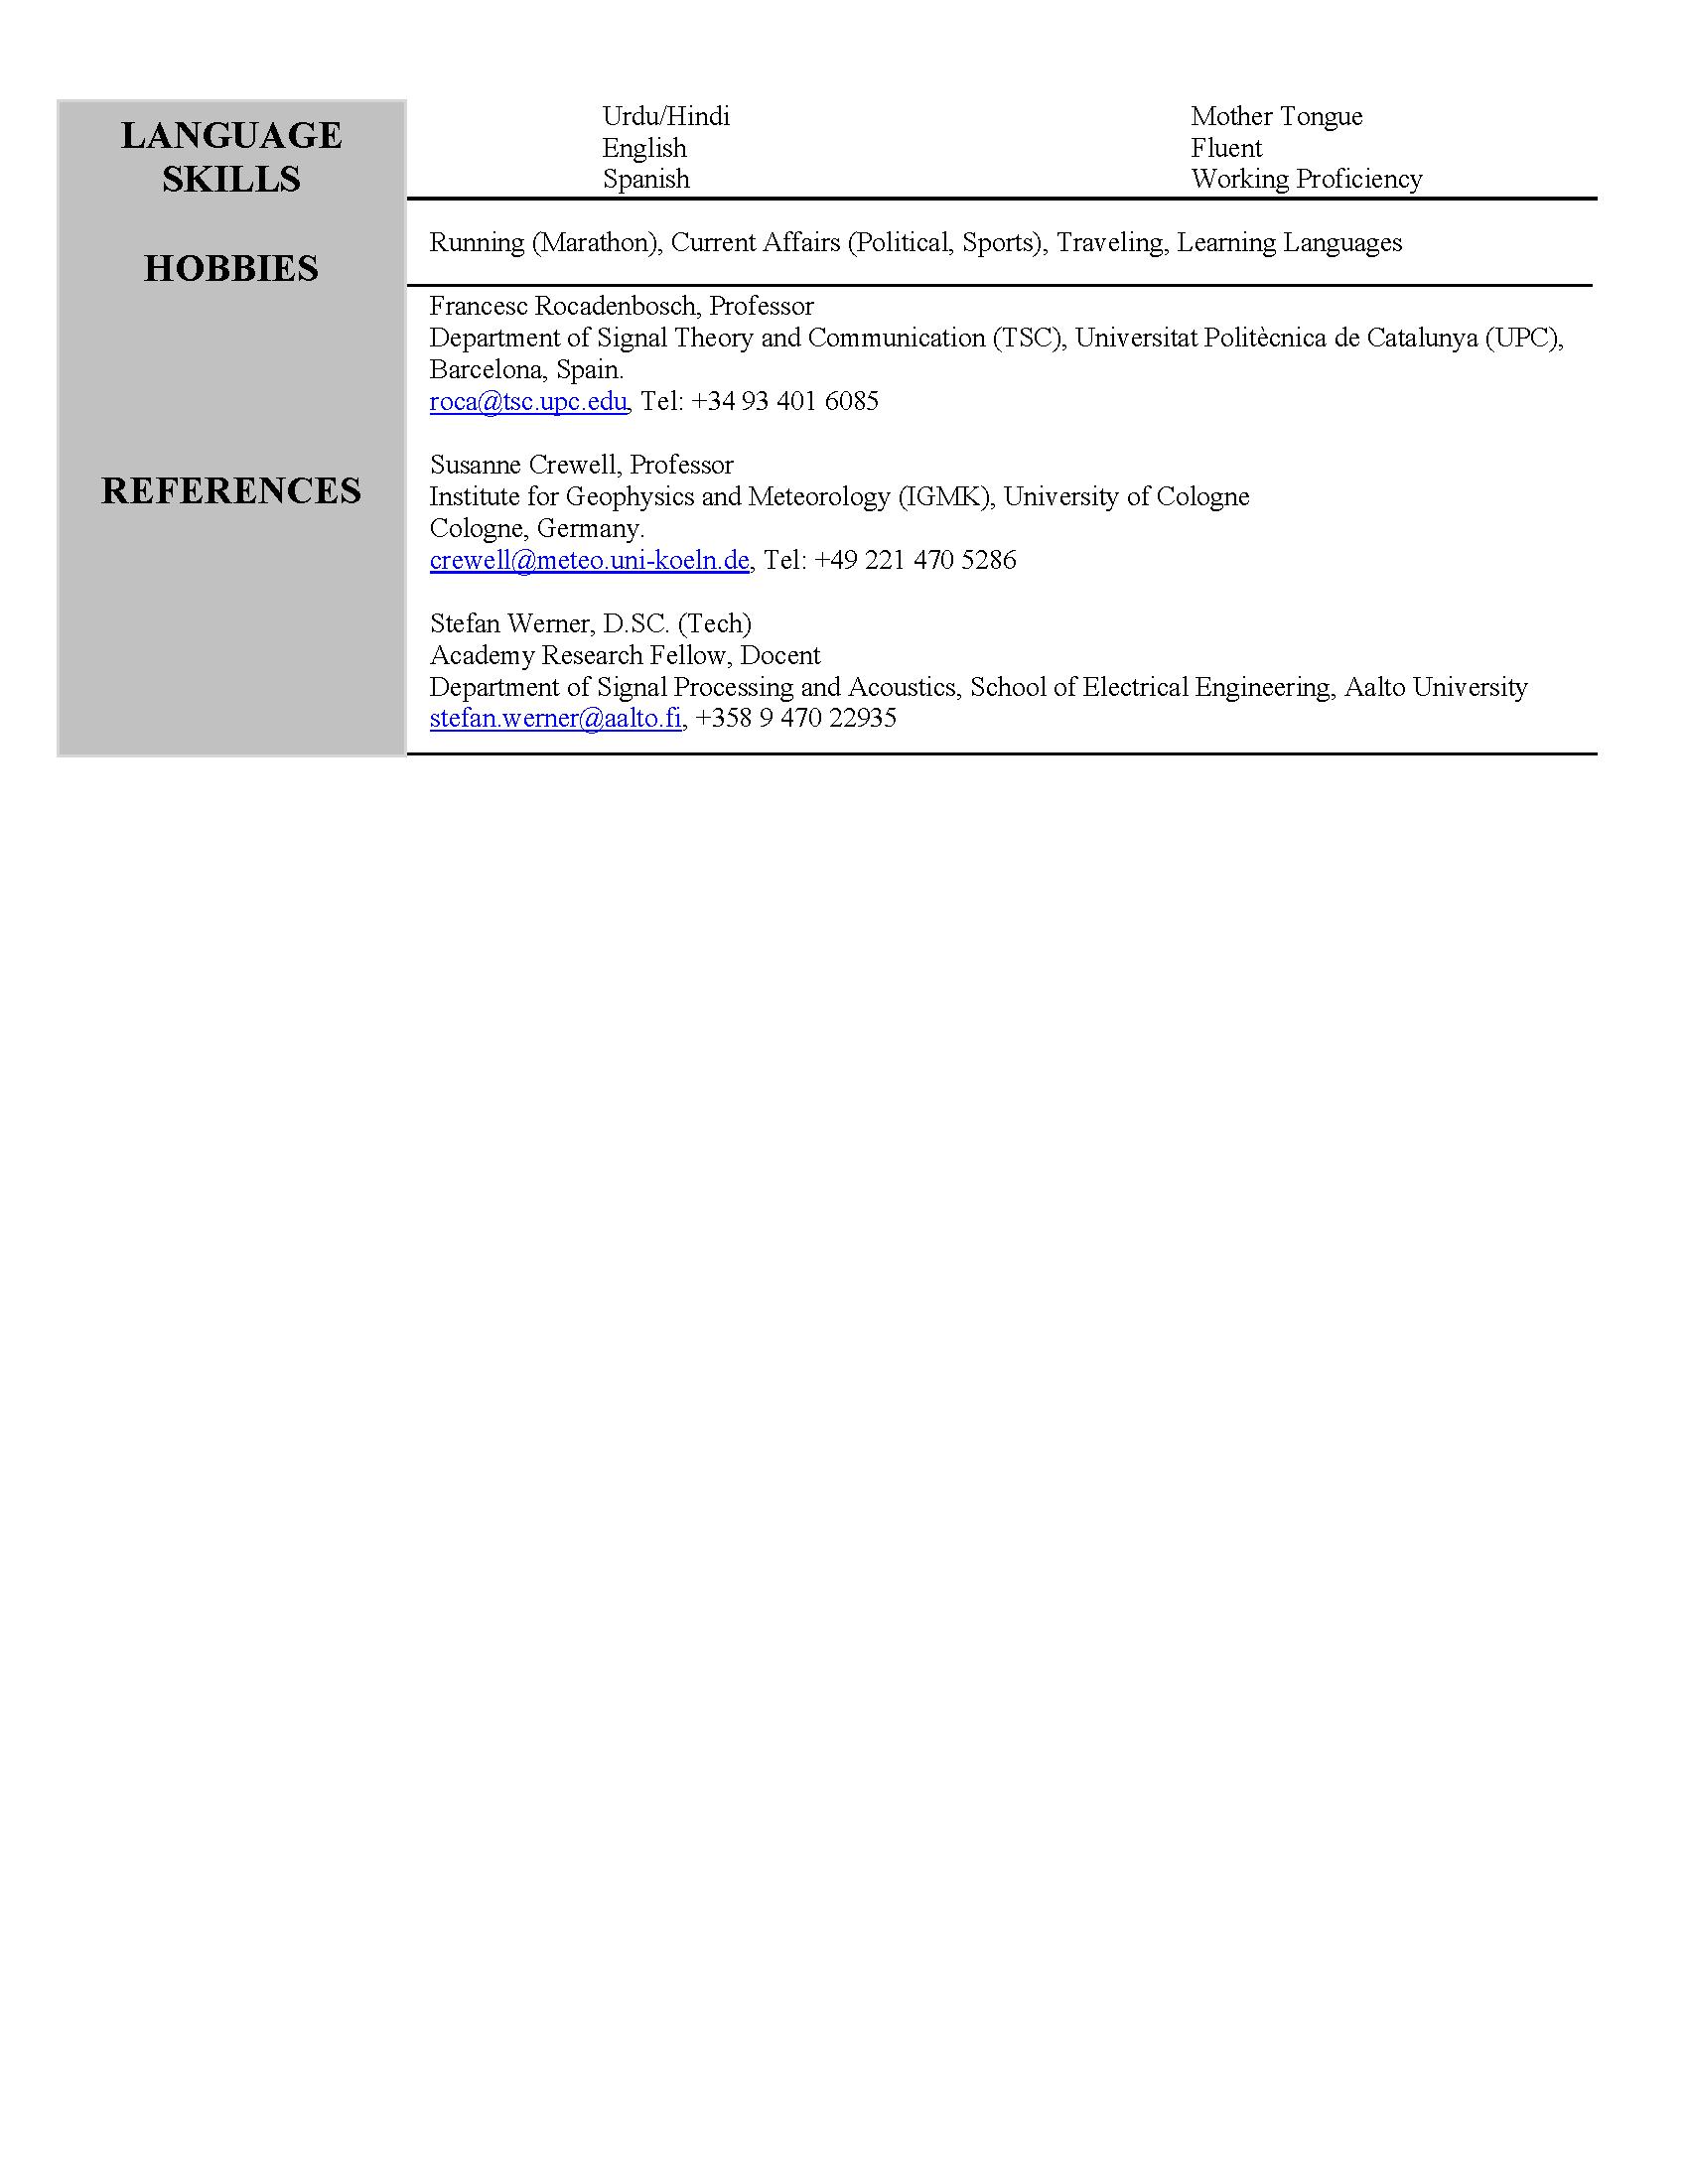 CV Saeed Page 3